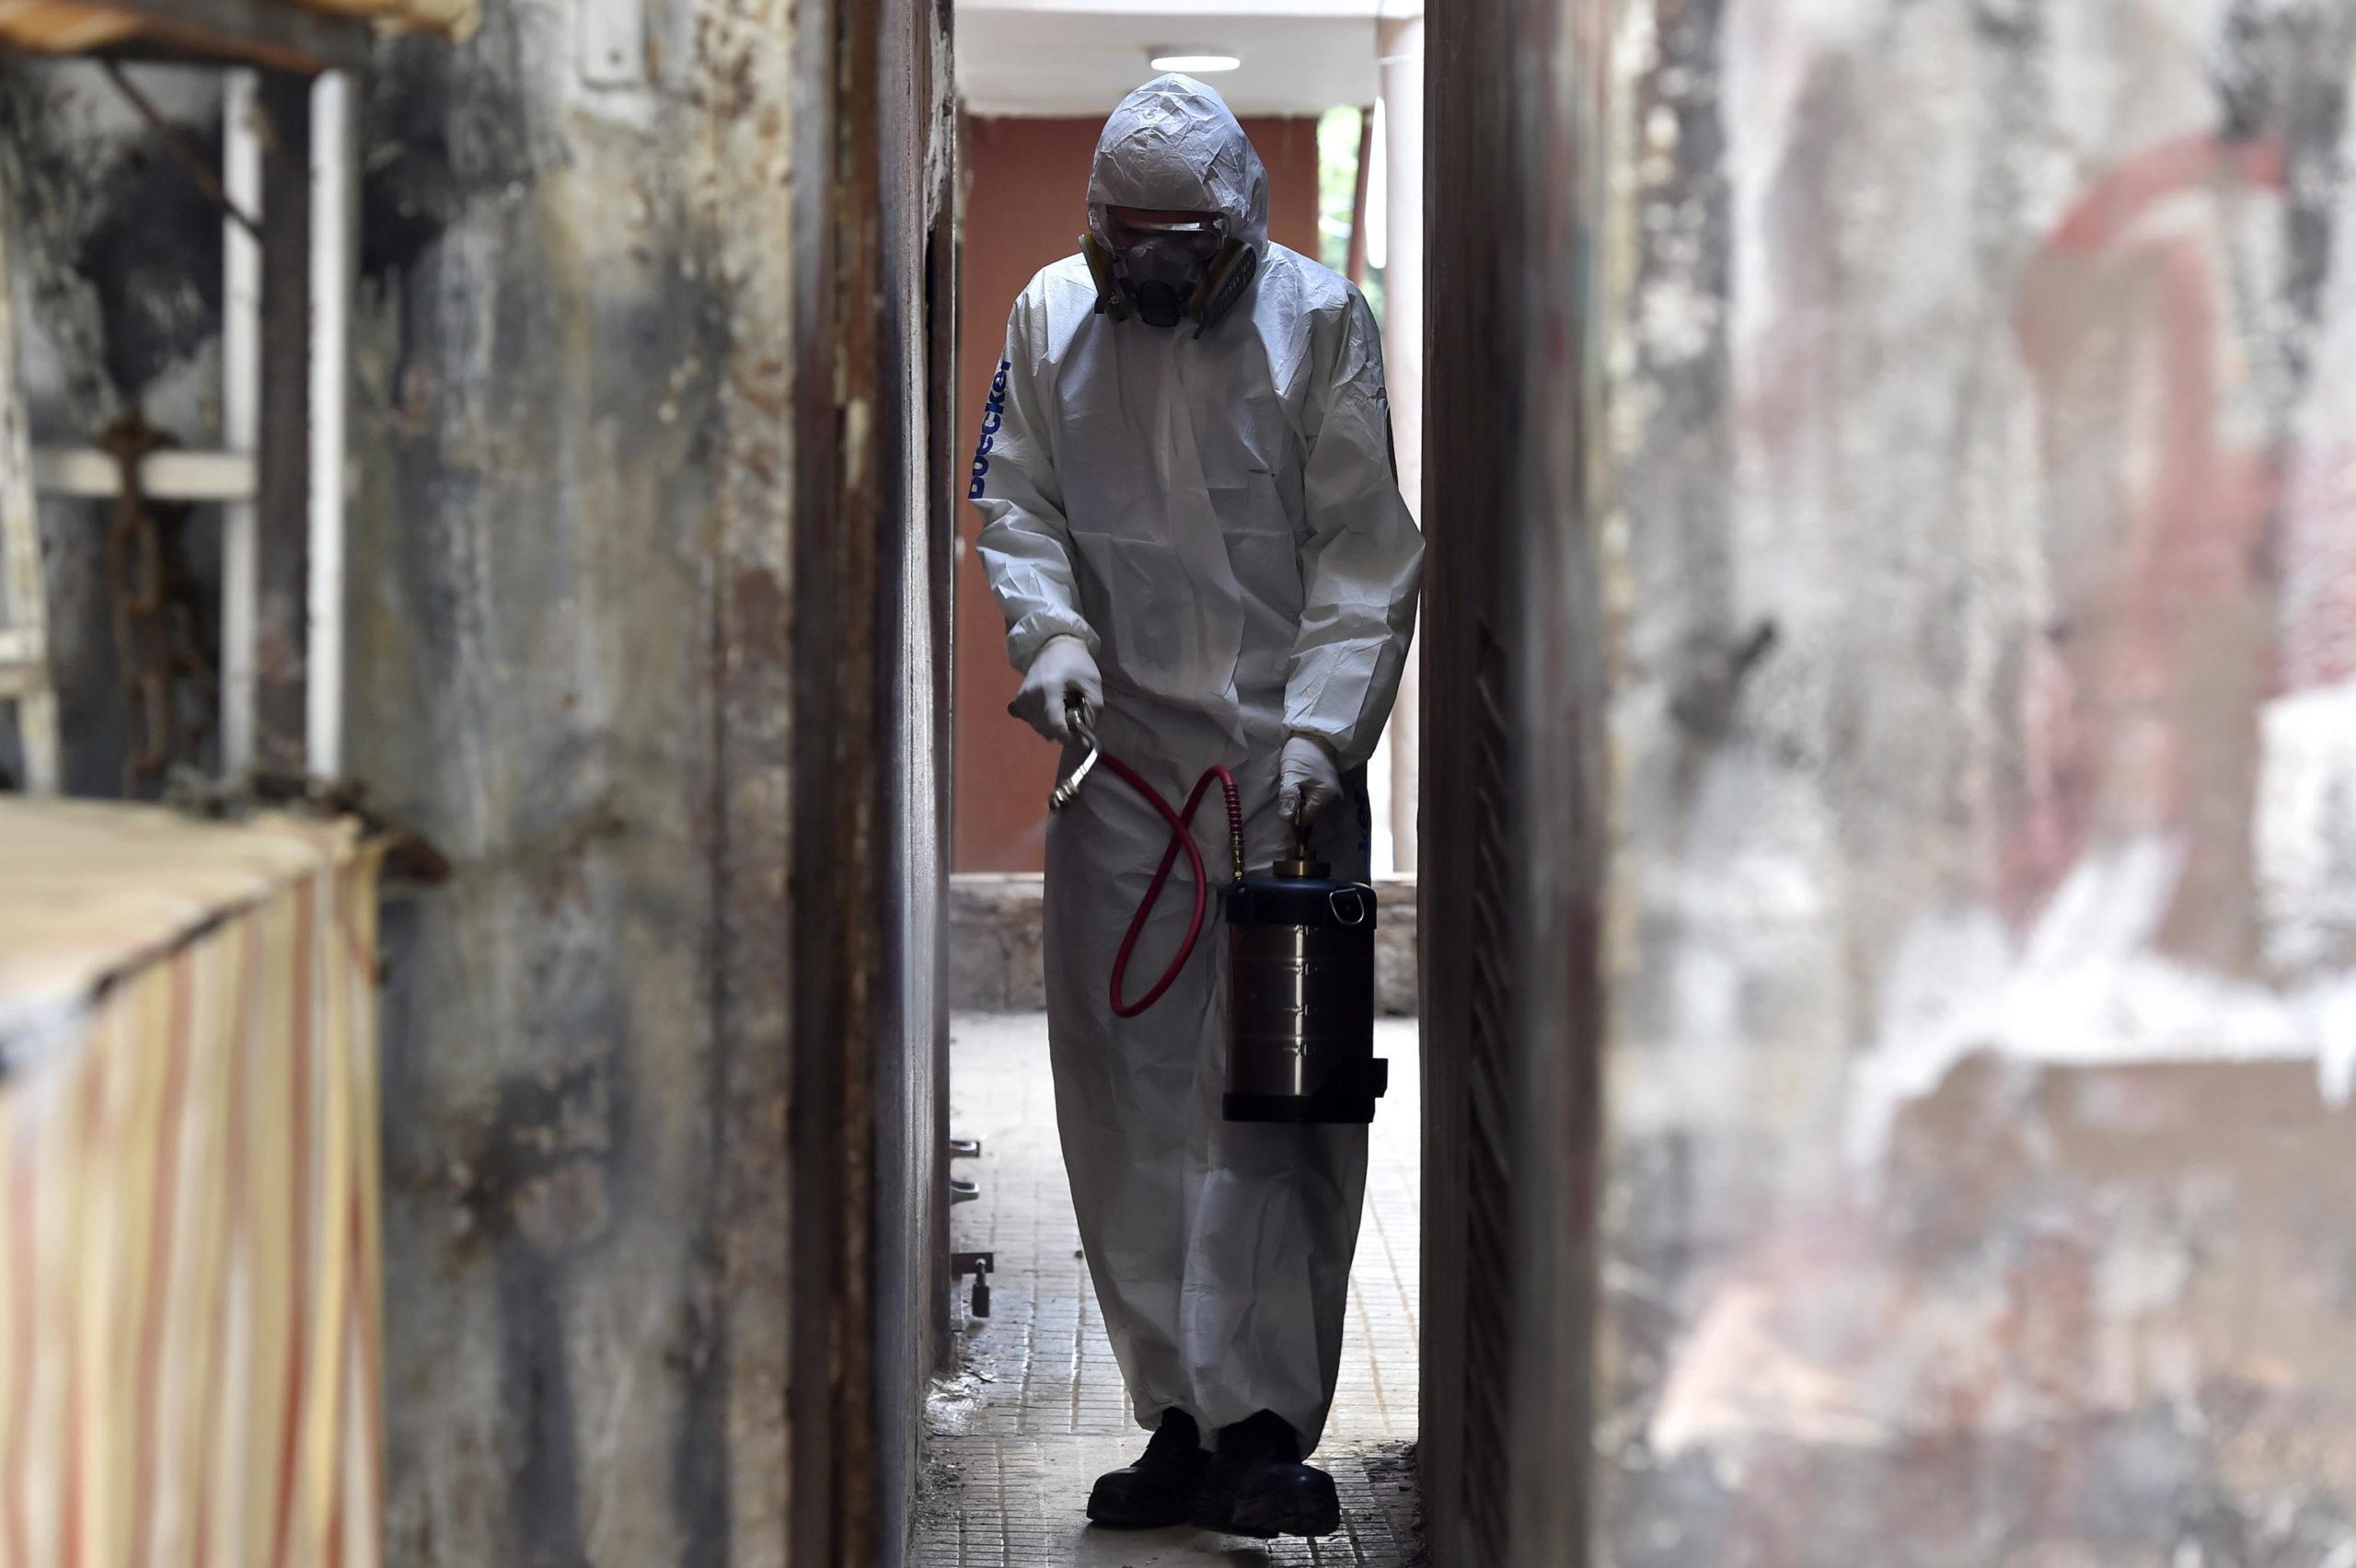 Libano: un uomo con la tuta protettiva spruzza disinfettante nelle strade di Beirut. Il Libano ha per ora tre vittime e 102 casi confermati.